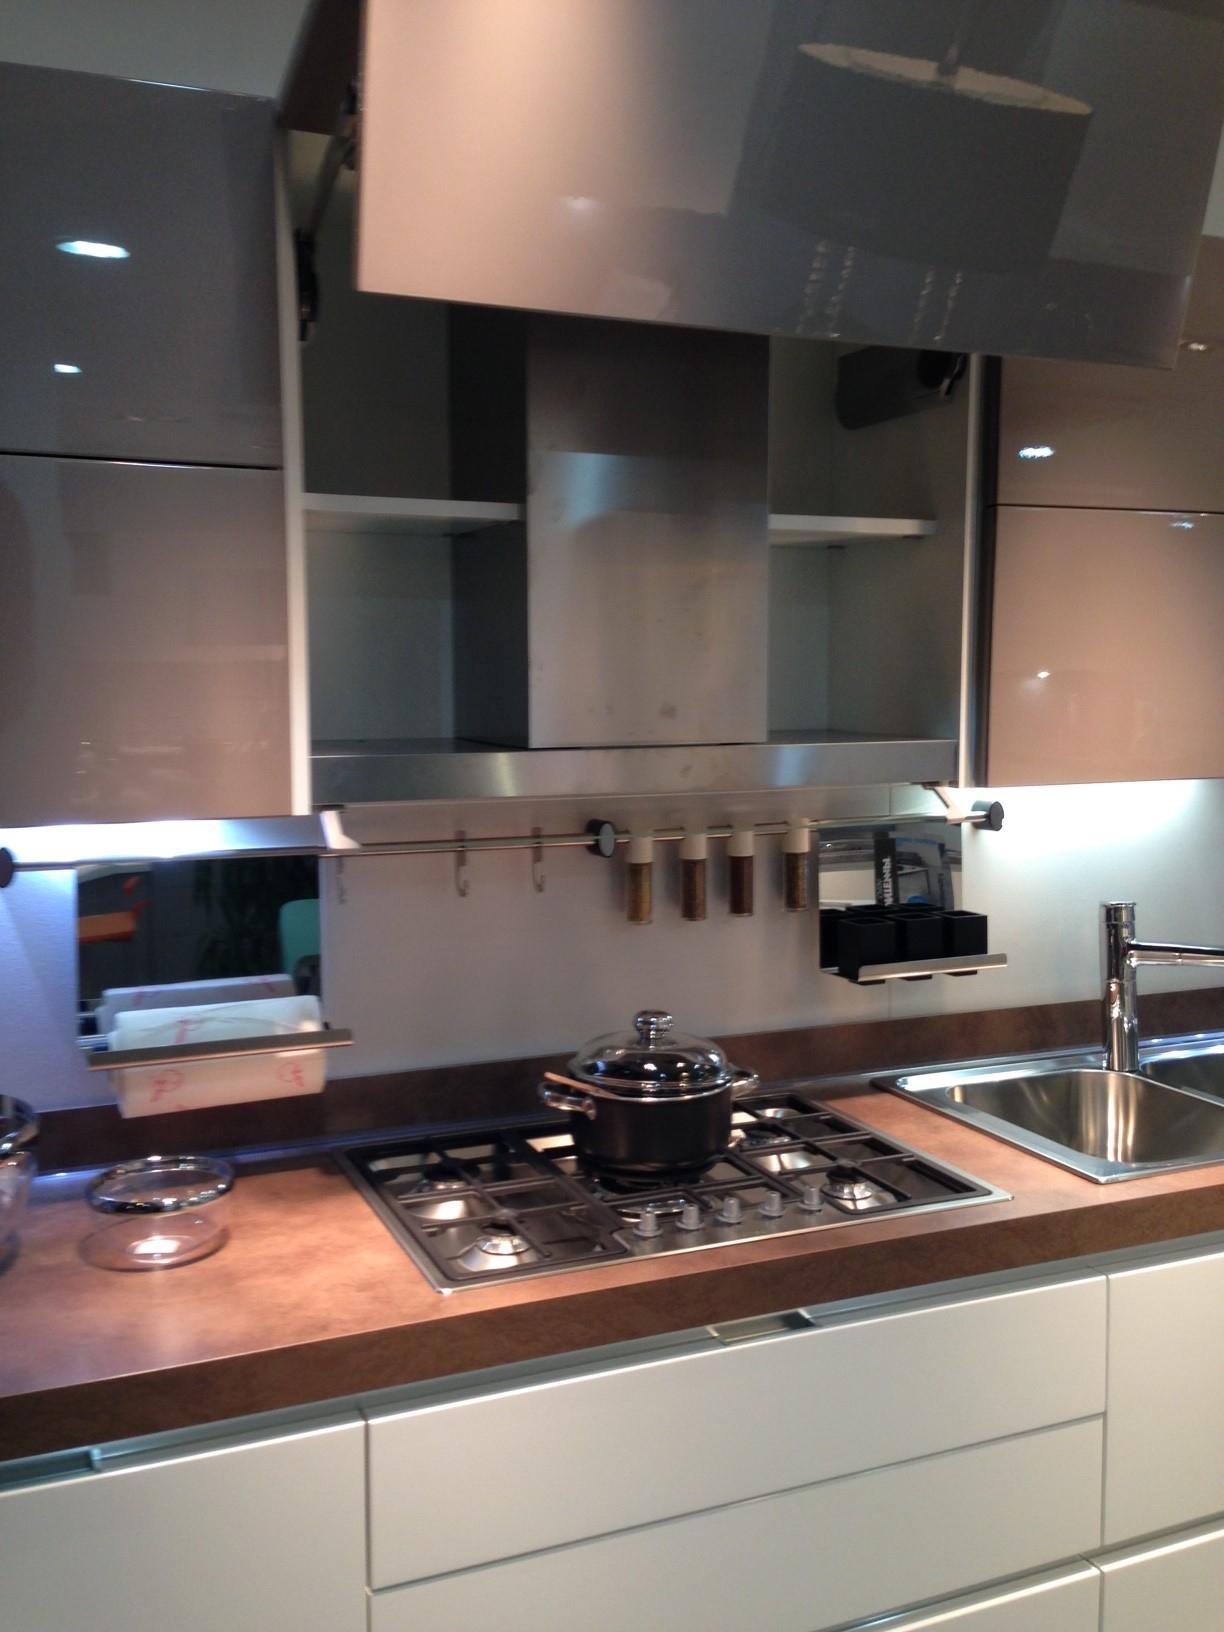 Ricerche correlate a Vendita cucine scavolini napoli